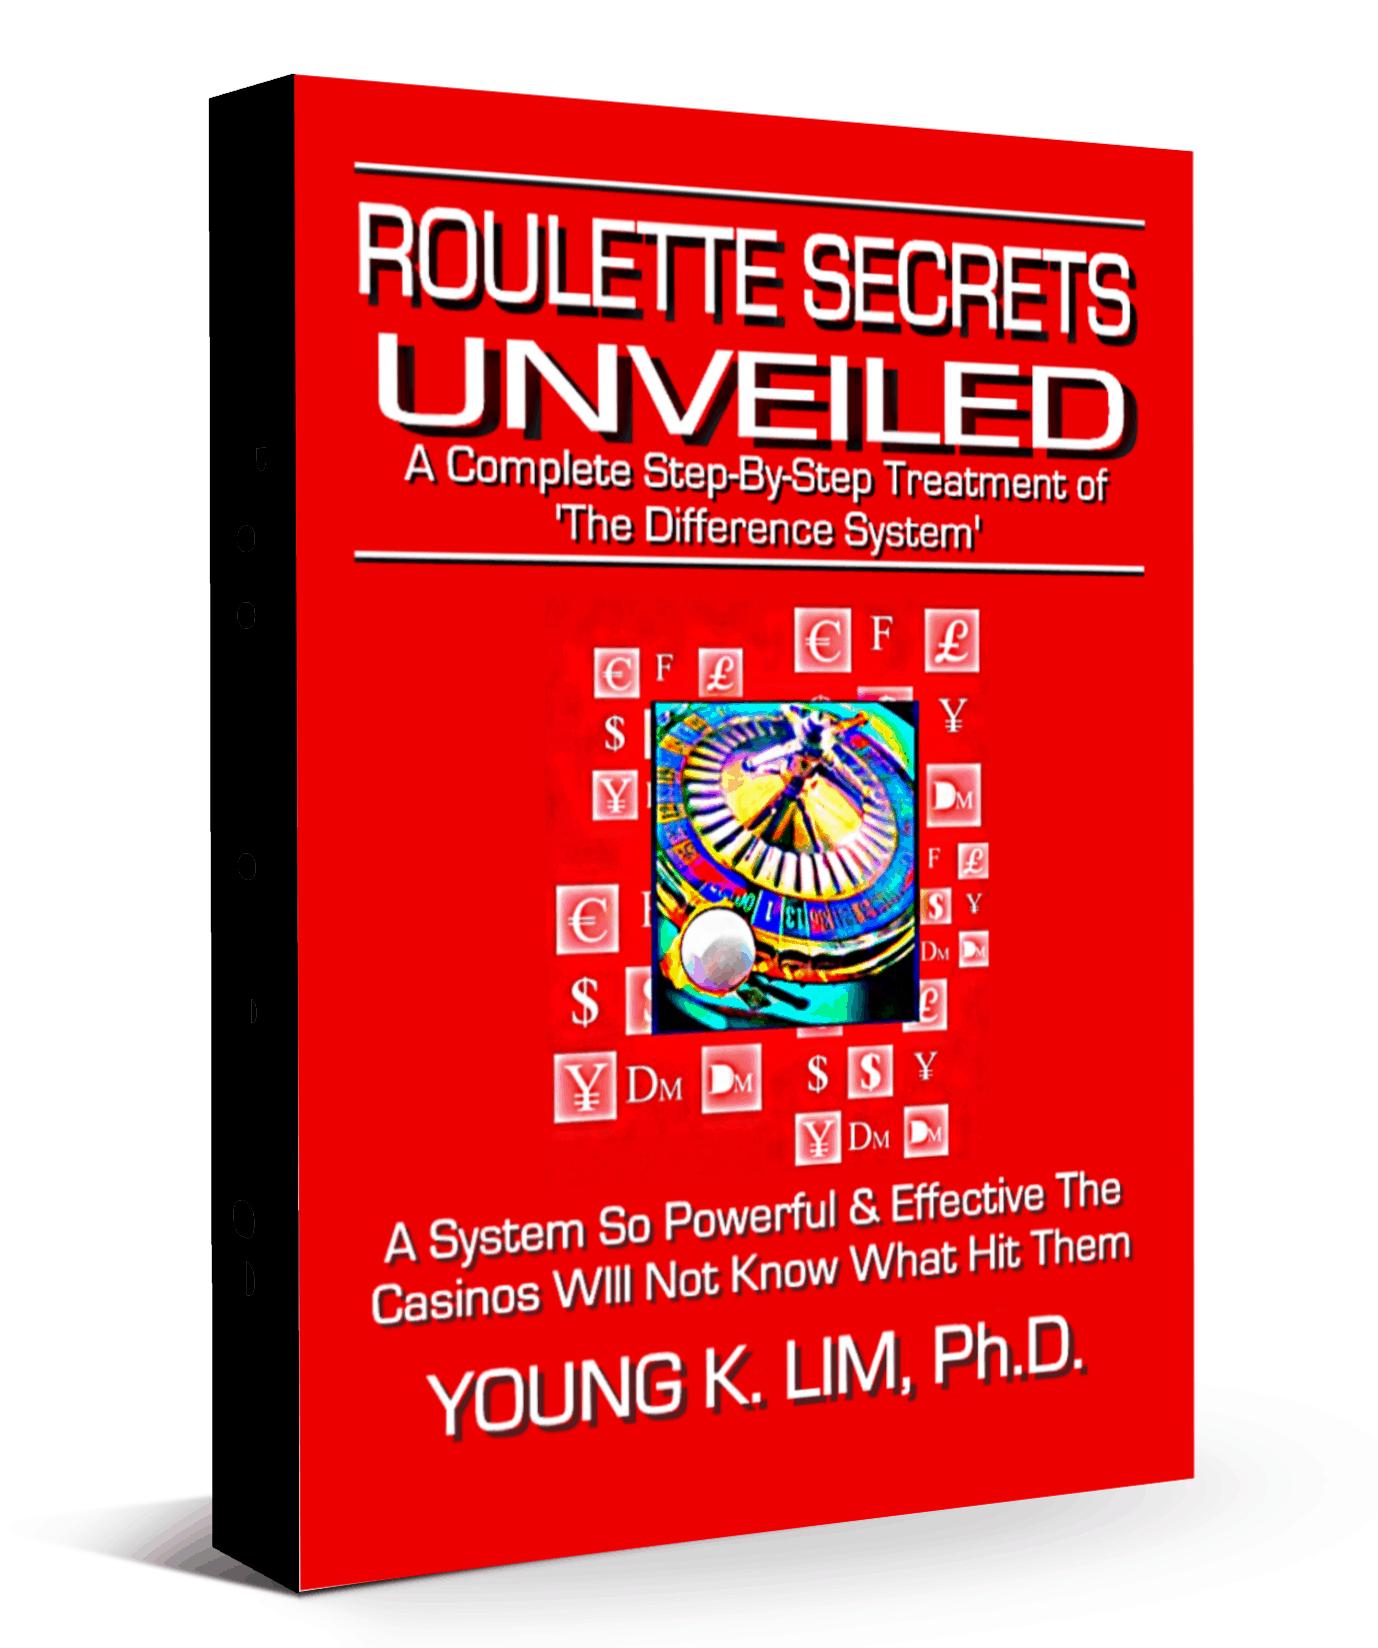 Roulette Secrets unveiled